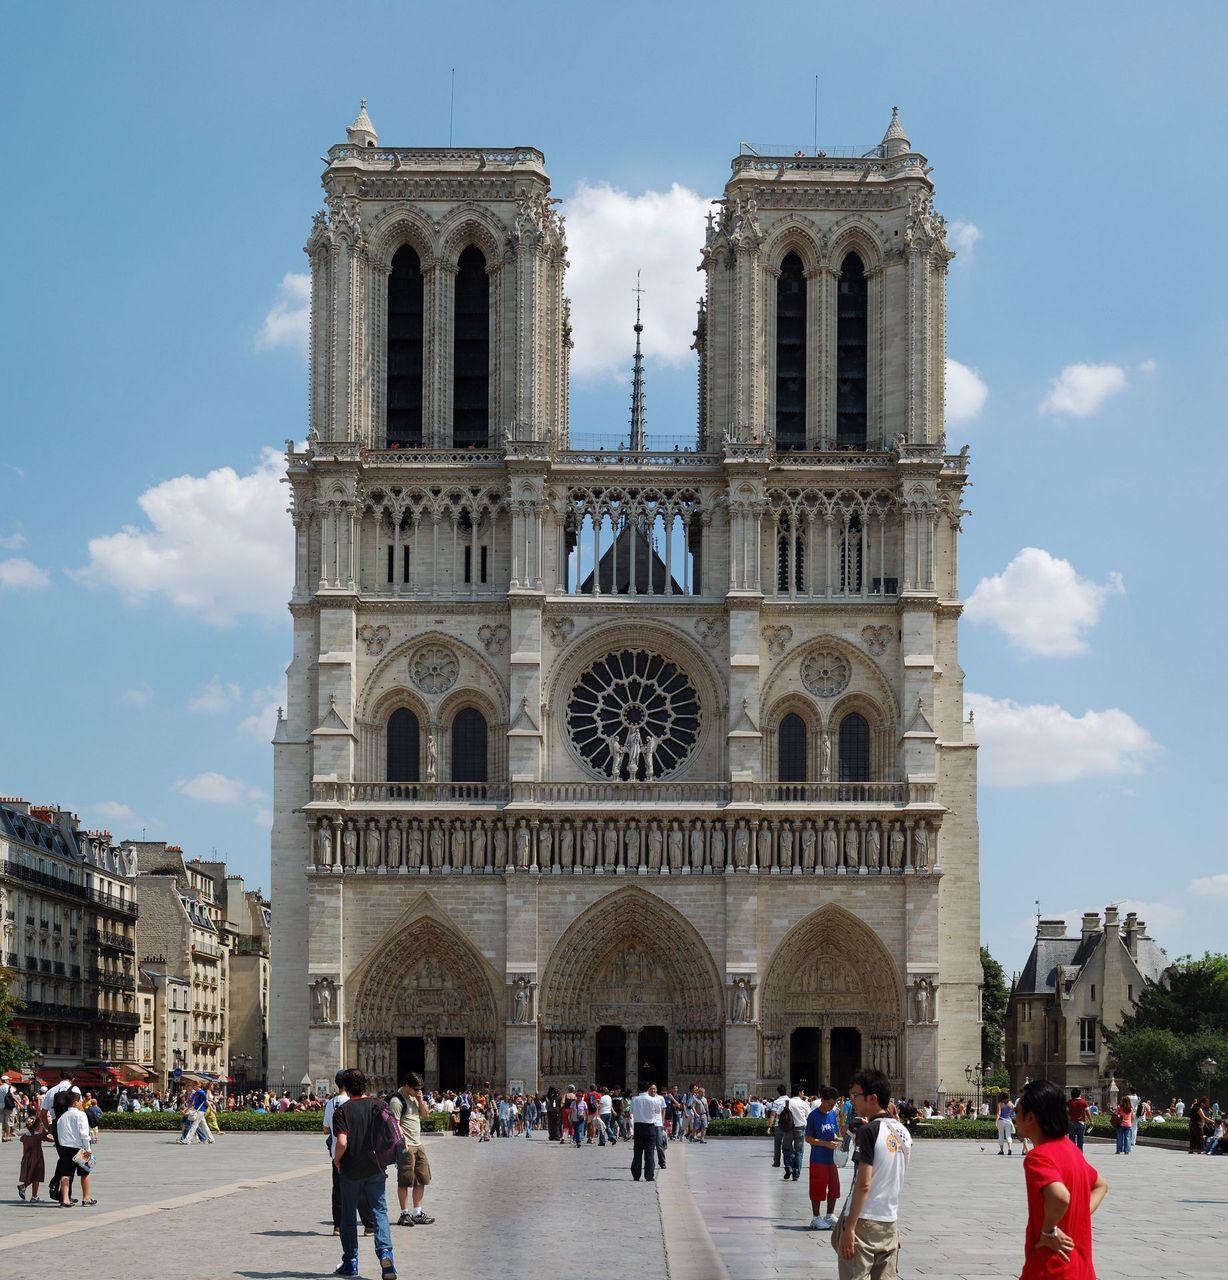 É a igreja do corcunda! Ela foi originalmente escrita por Victor Hugo em 1831! A Notre Dame é a catedral mais famosa de Paris, onde foi (auto) coroado ninguém menos de Napoleão Bonaparte! Tem até um quadro famoso do pintor Jacques-Louis David retr...